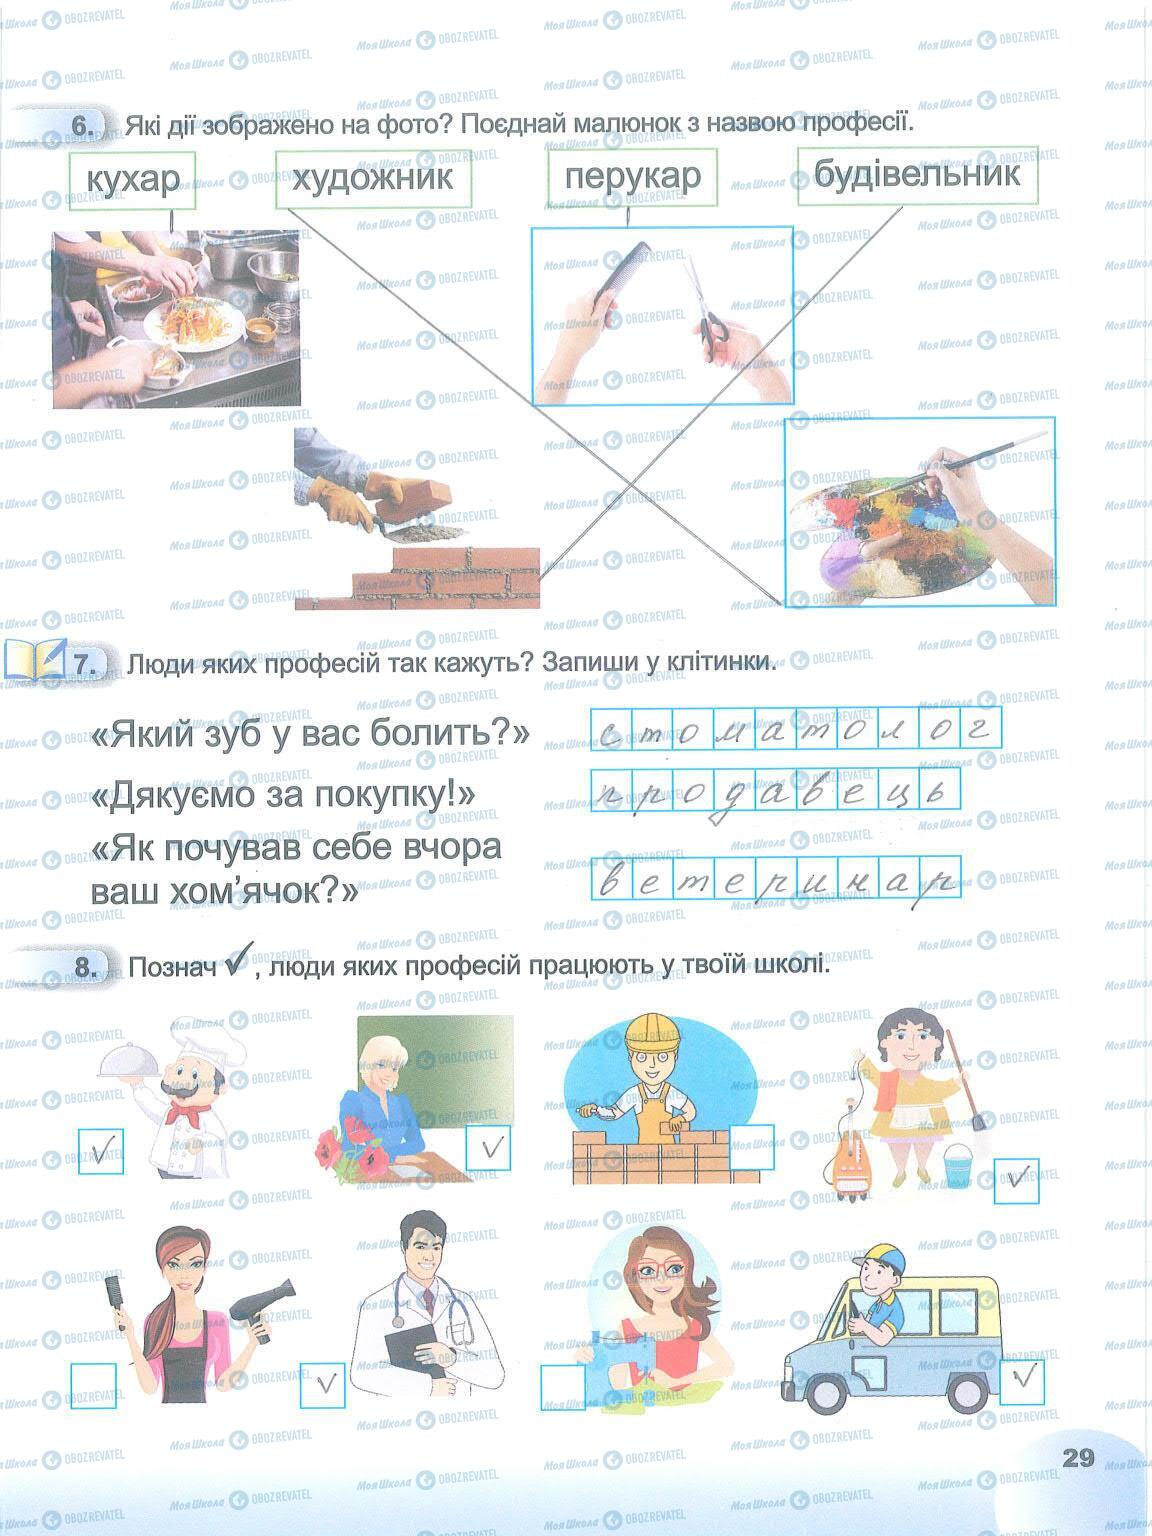 ГДЗ Я досліджую світ 1 клас сторінка 29